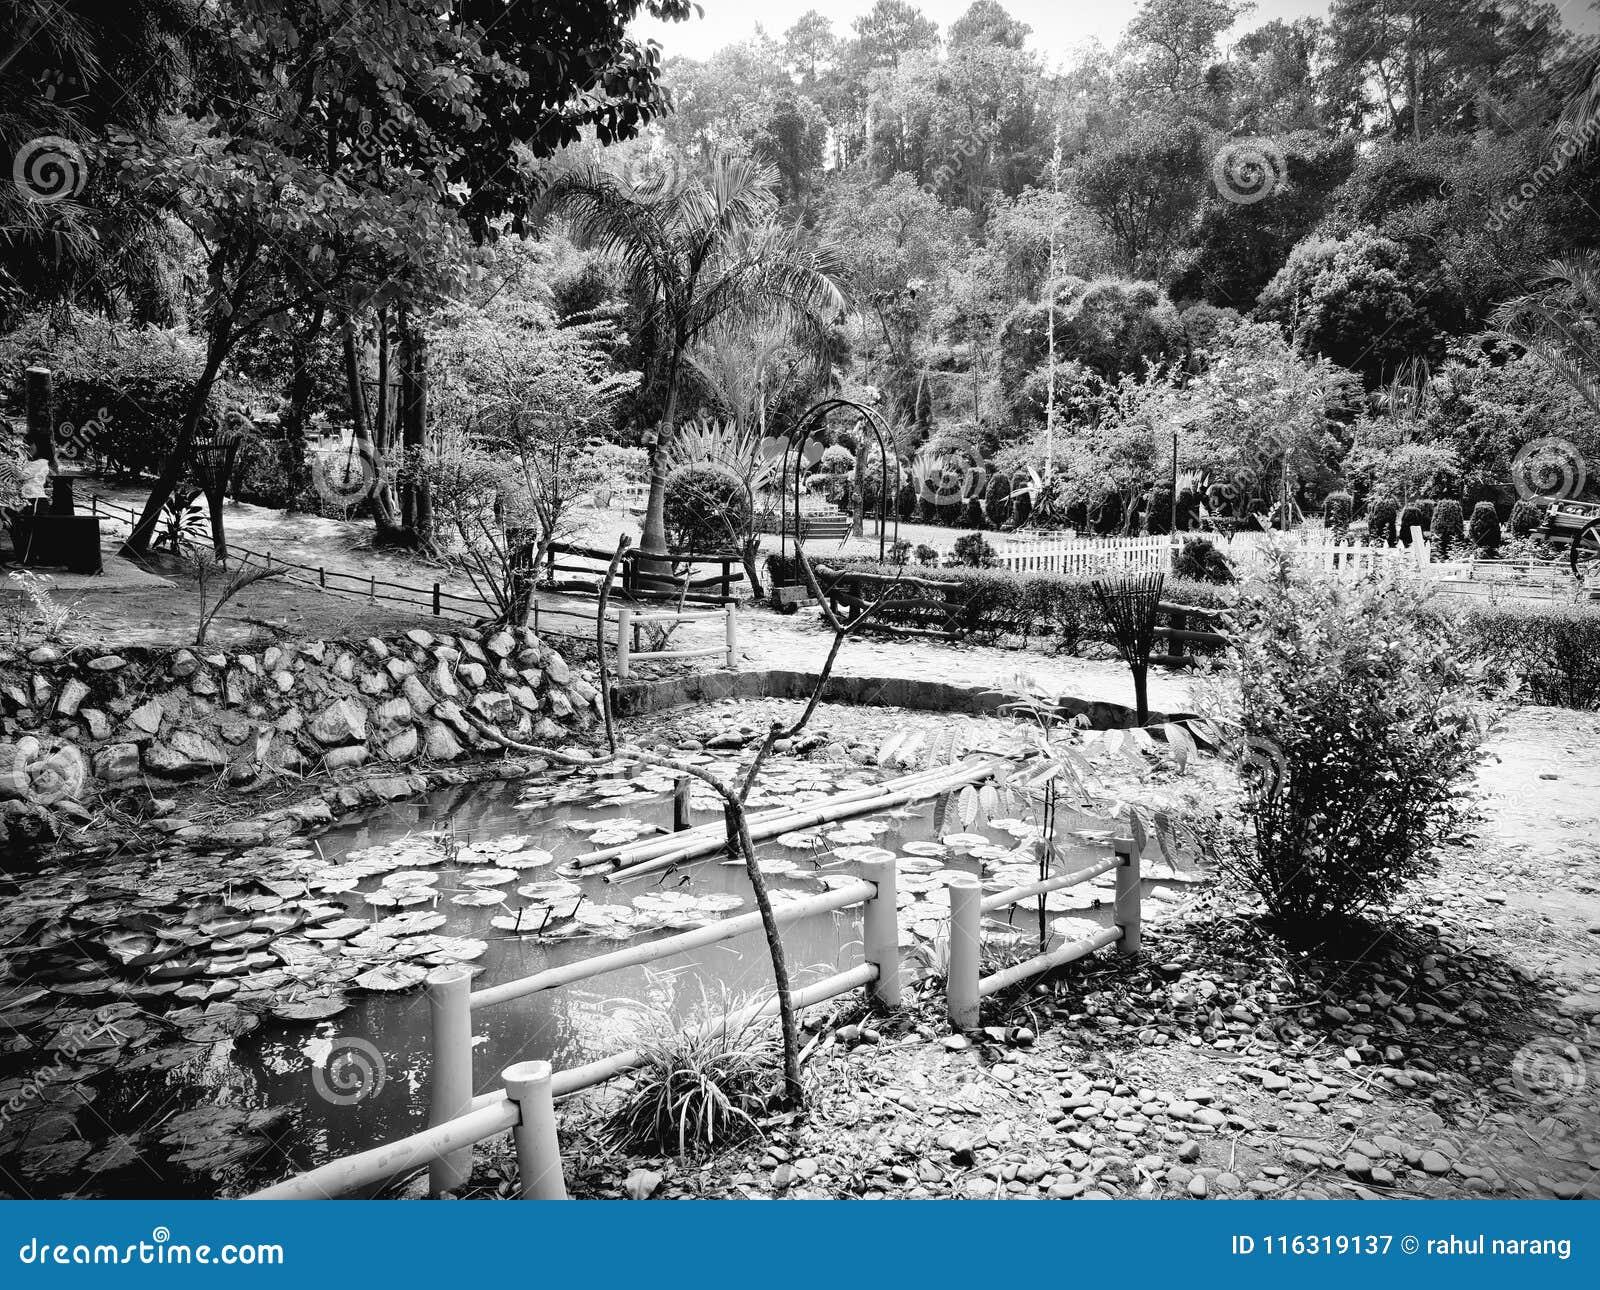 筑成池塘瓣 植物群和动物区系是这个地方秀丽  对它的最好的春天的自然和花